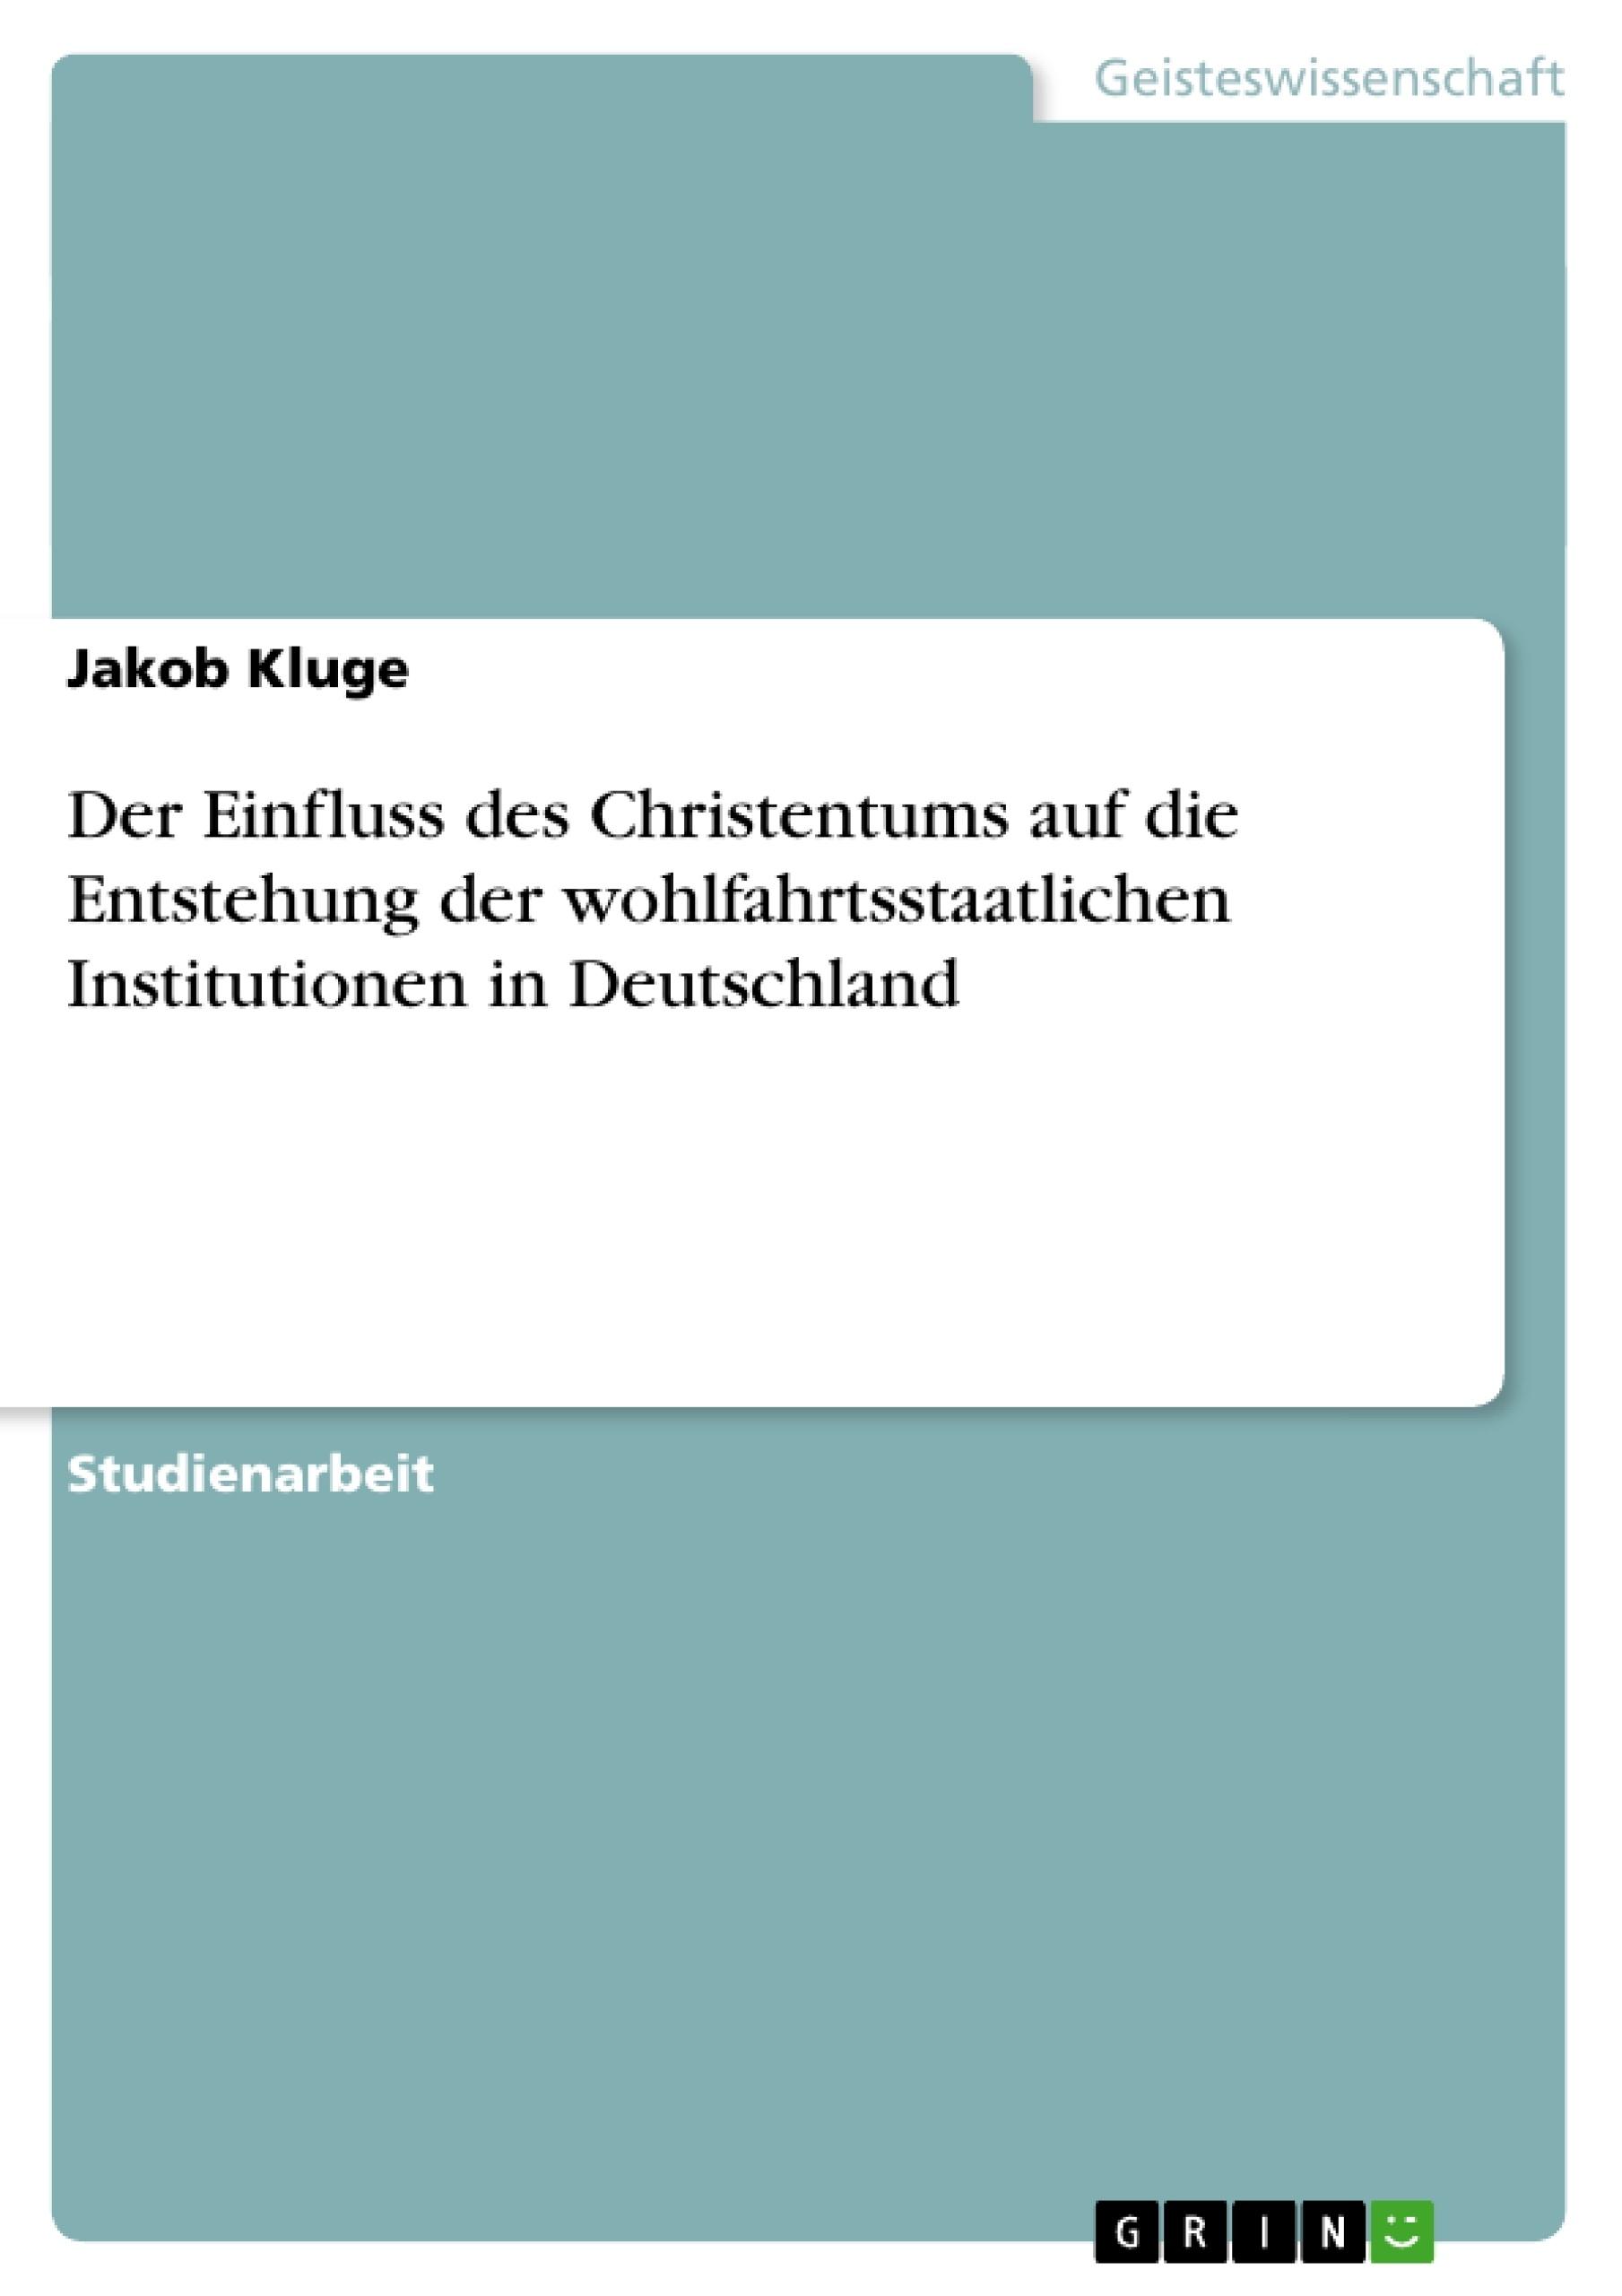 Titel: Der Einfluss des Christentums auf die Entstehung der wohlfahrtsstaatlichen Institutionen in Deutschland